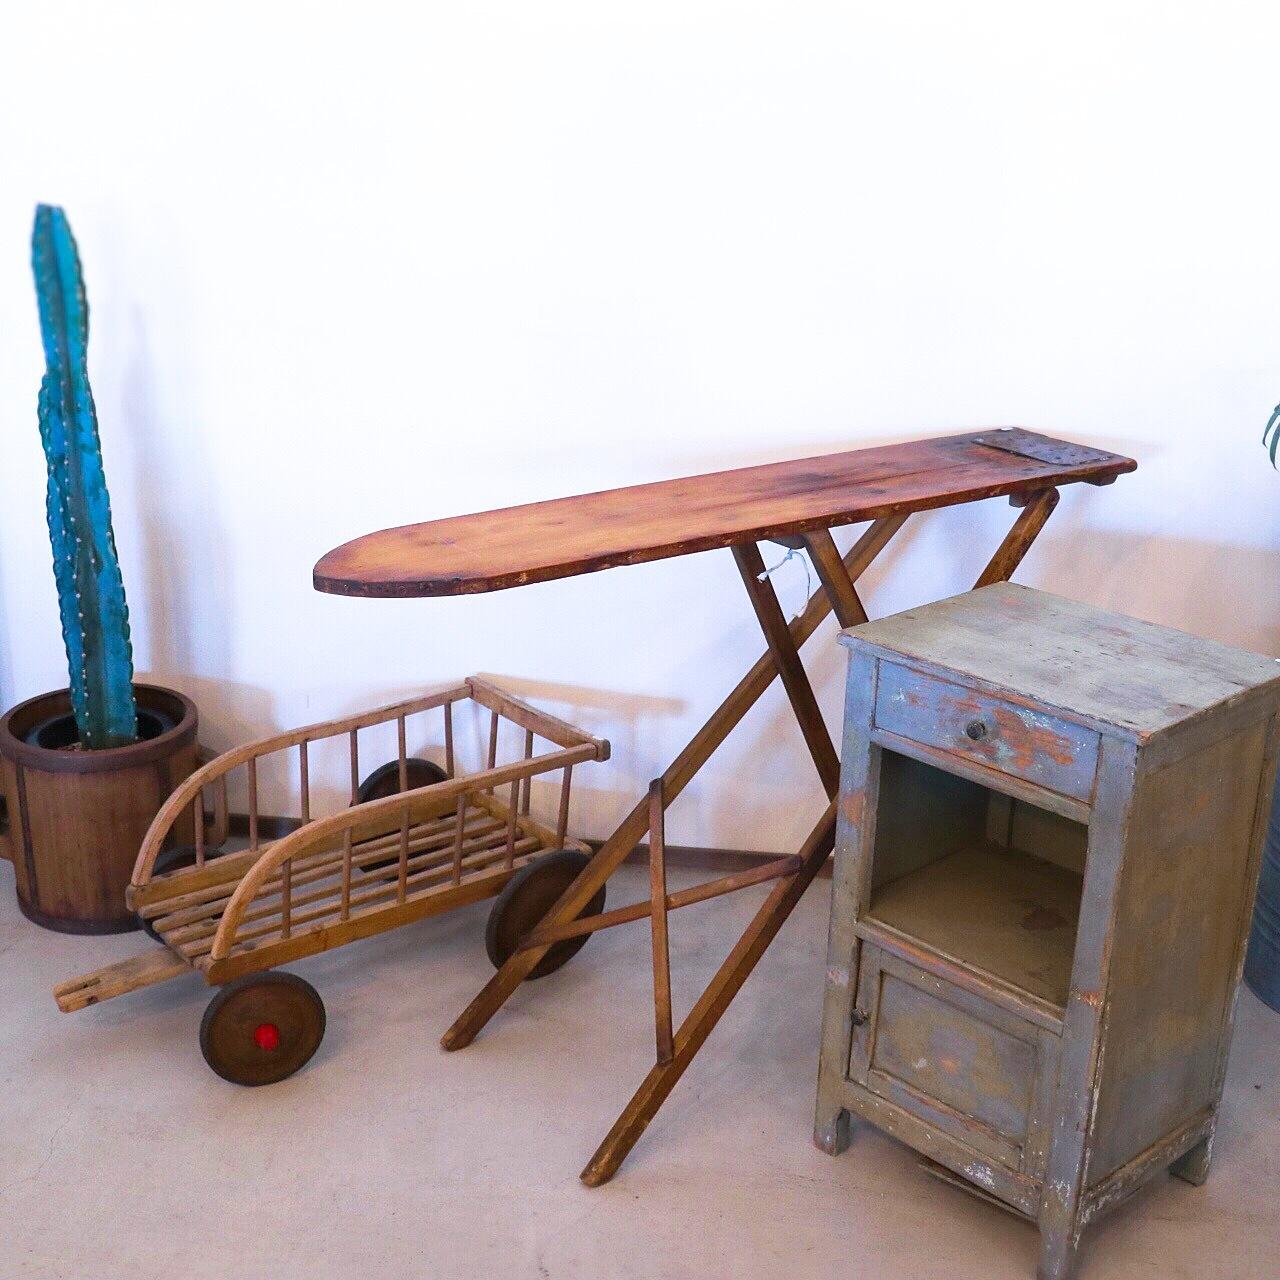 徳島の骨董買取店コユメヤです。古いもの古道具アンティーク無料出張買取!_d0172694_20223522.jpeg